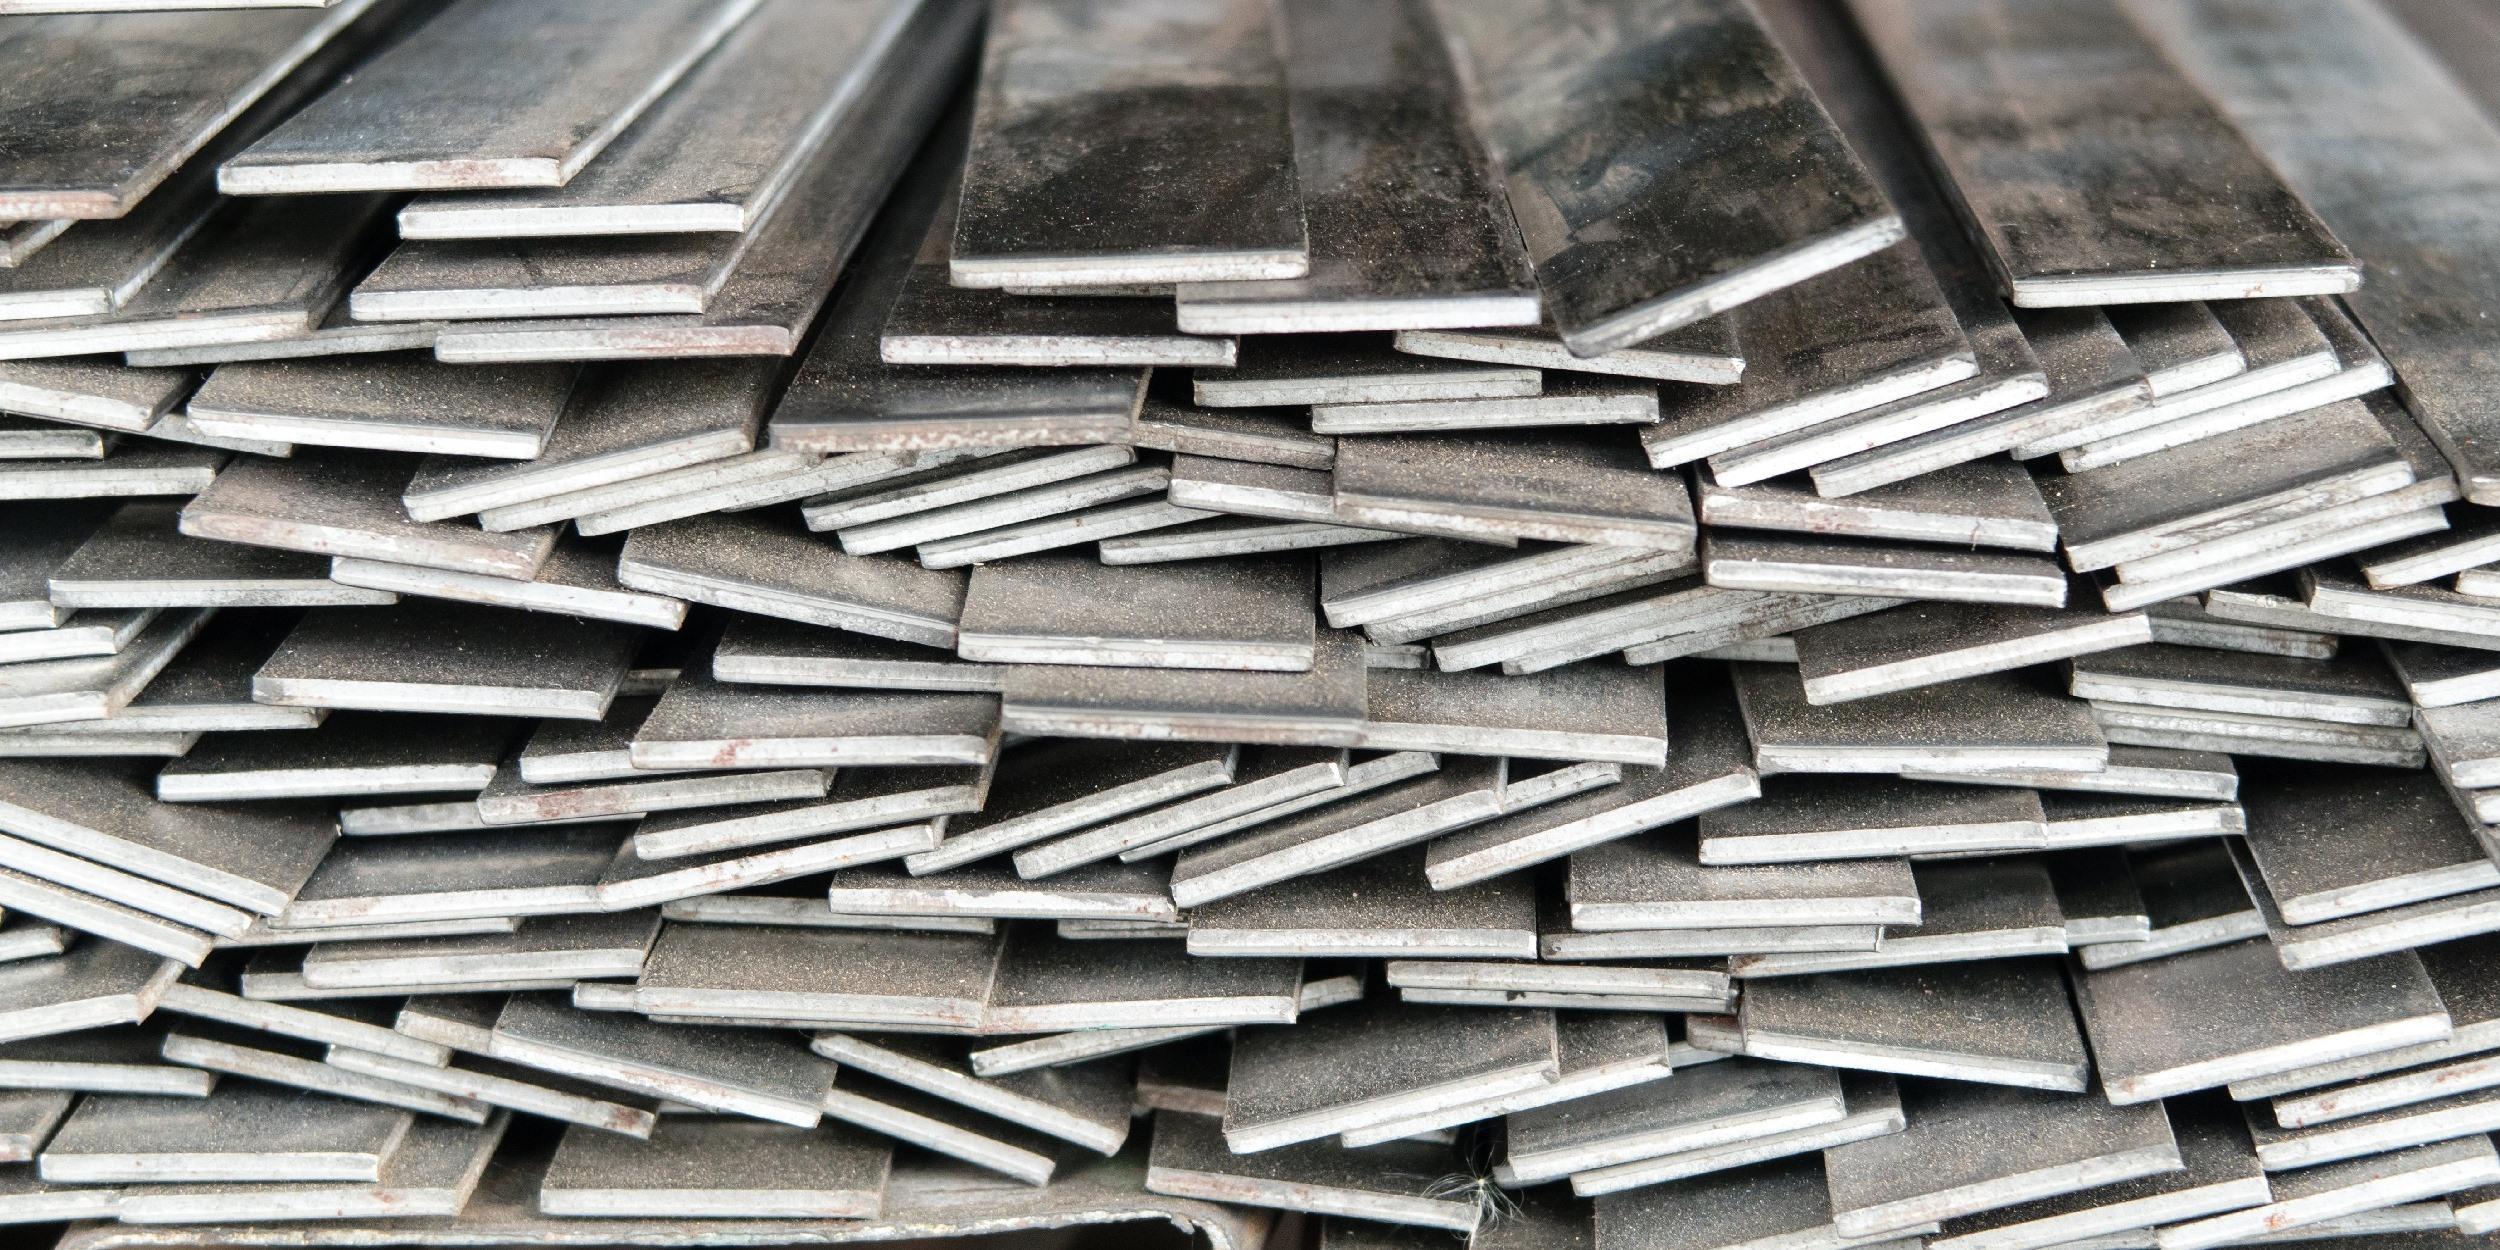 В рамках этой статьи мы поведаем трейдерам о такой дивной конструкции, как реечные потолки вообще и алюминиевые шины в частности, активно применяемые при их монтаже.